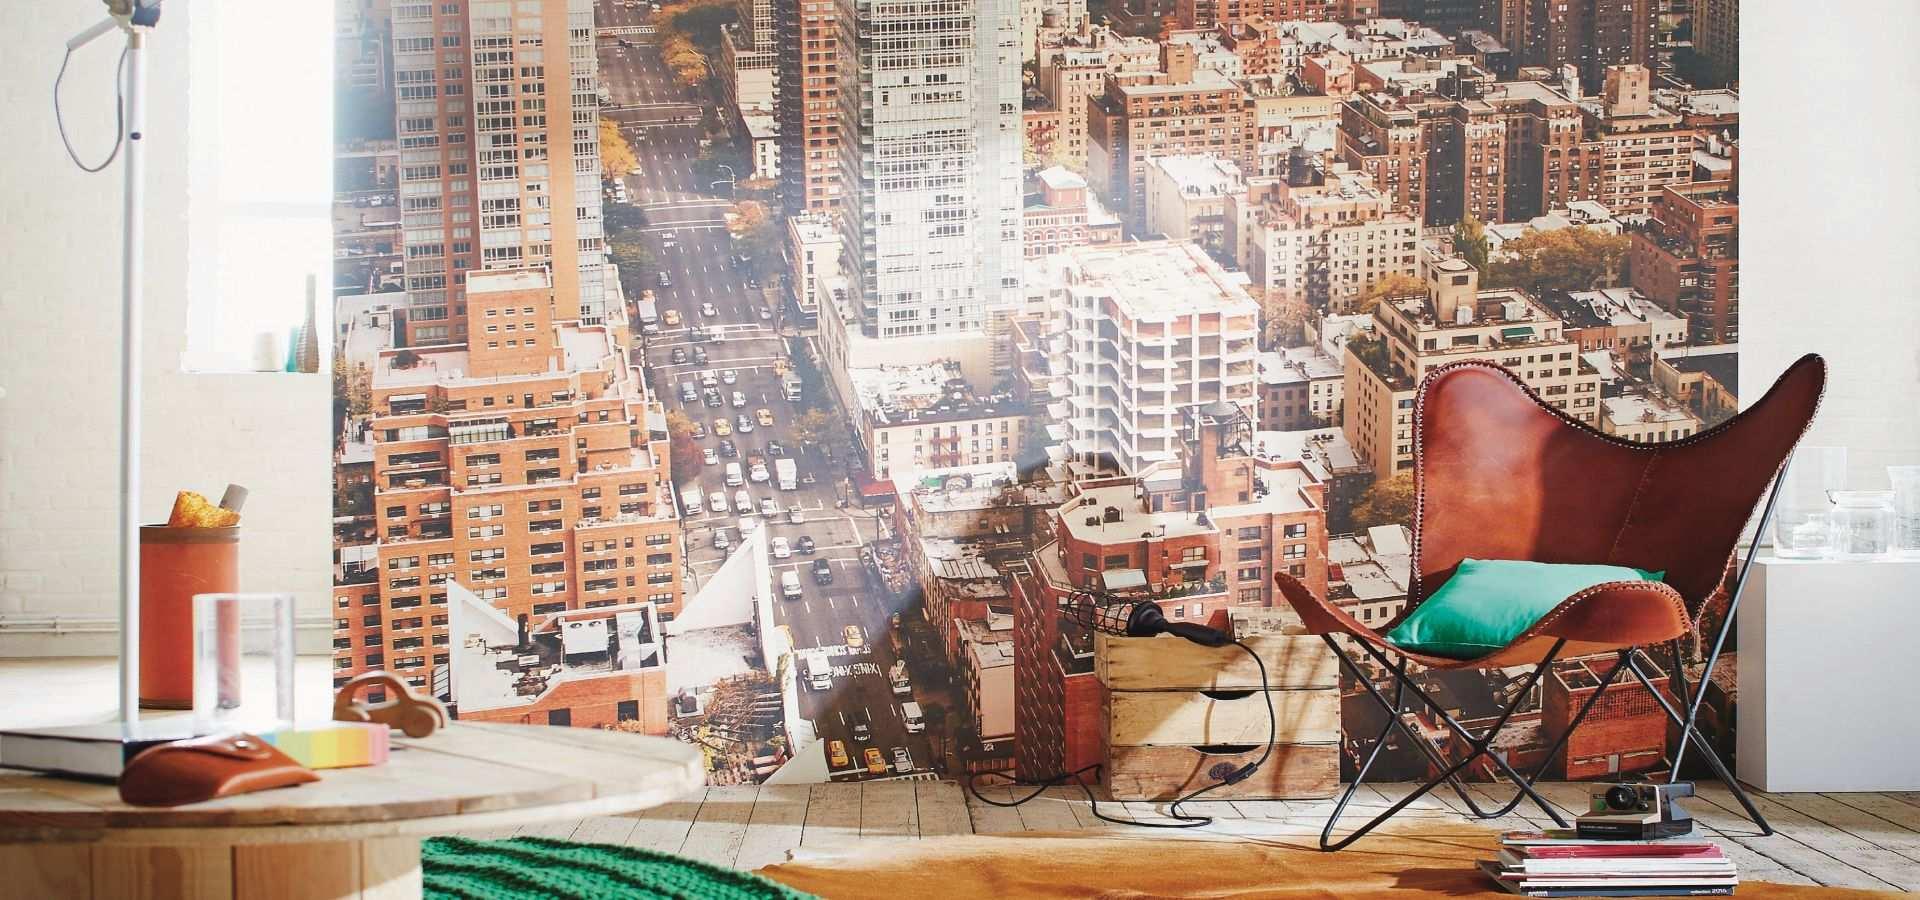 Bild Tapete Wandbild Stadt